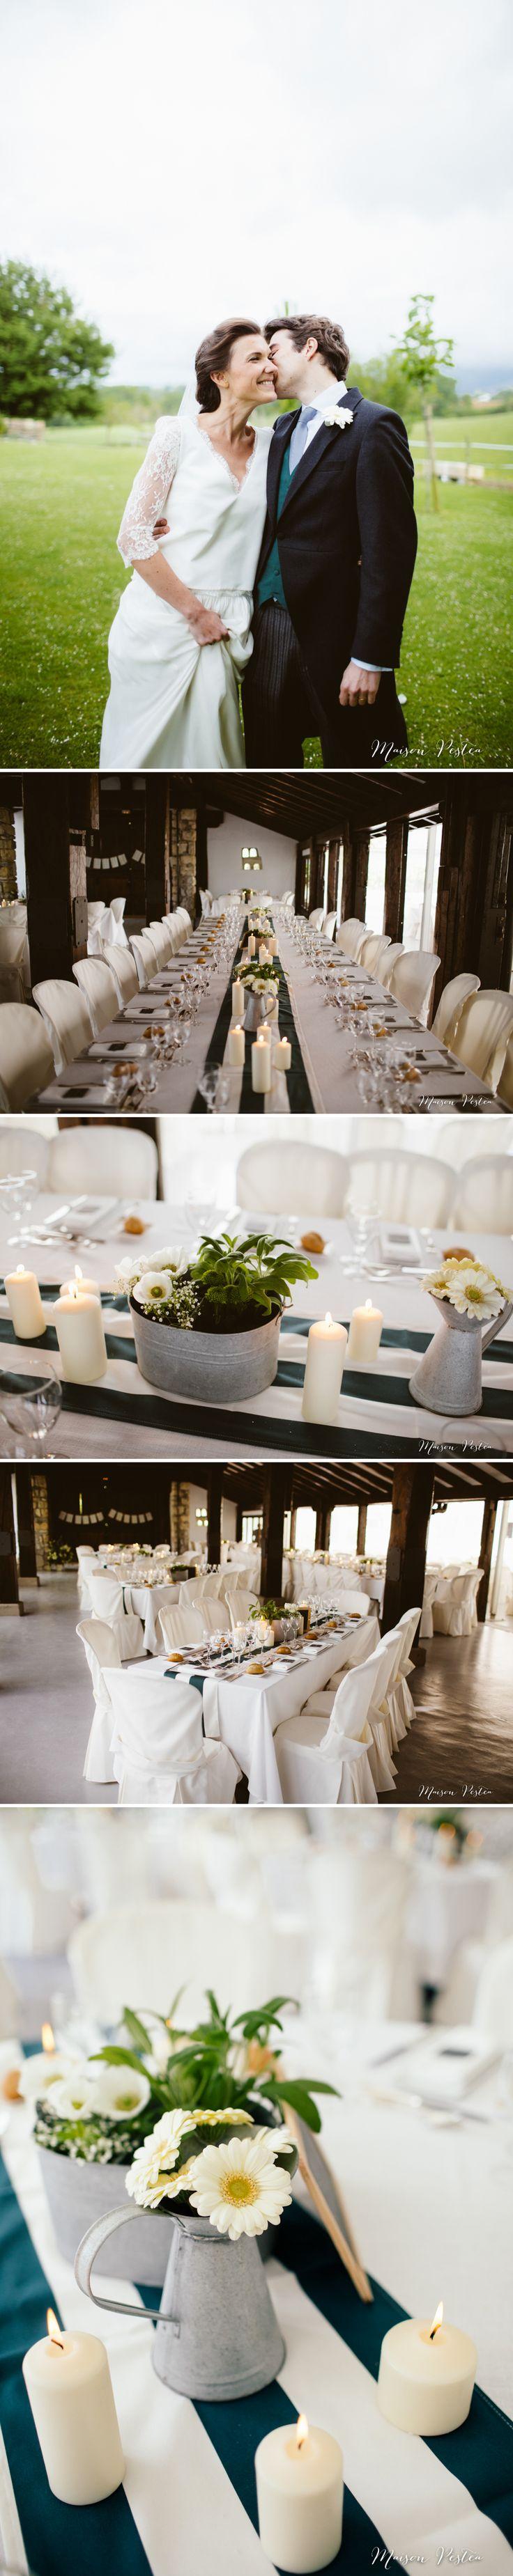 photographe mariage domain finca Machoenia Urrugne photographe mariage pays basque biarritz